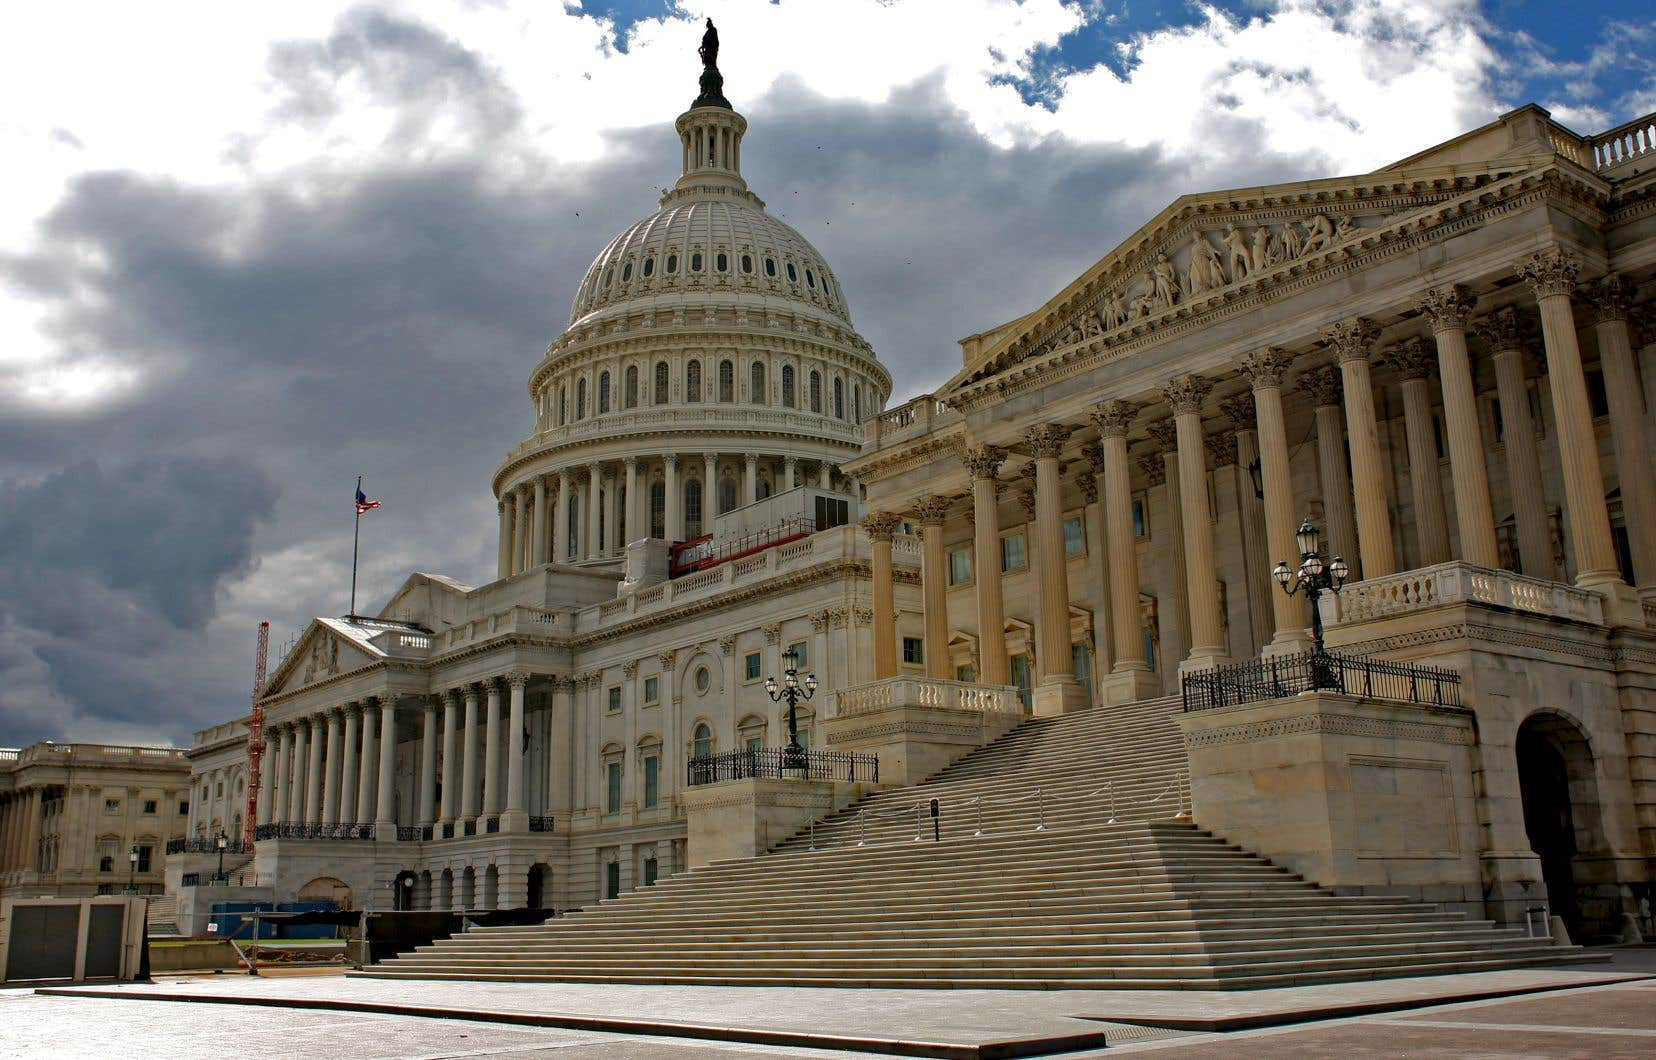 Les démocrates accusent le ministre de bloquer le travail du Congrès en refusant de leur livrer, dans les délais impartis, la version complète du rapport d'enquête du procureur Robert Mueller.